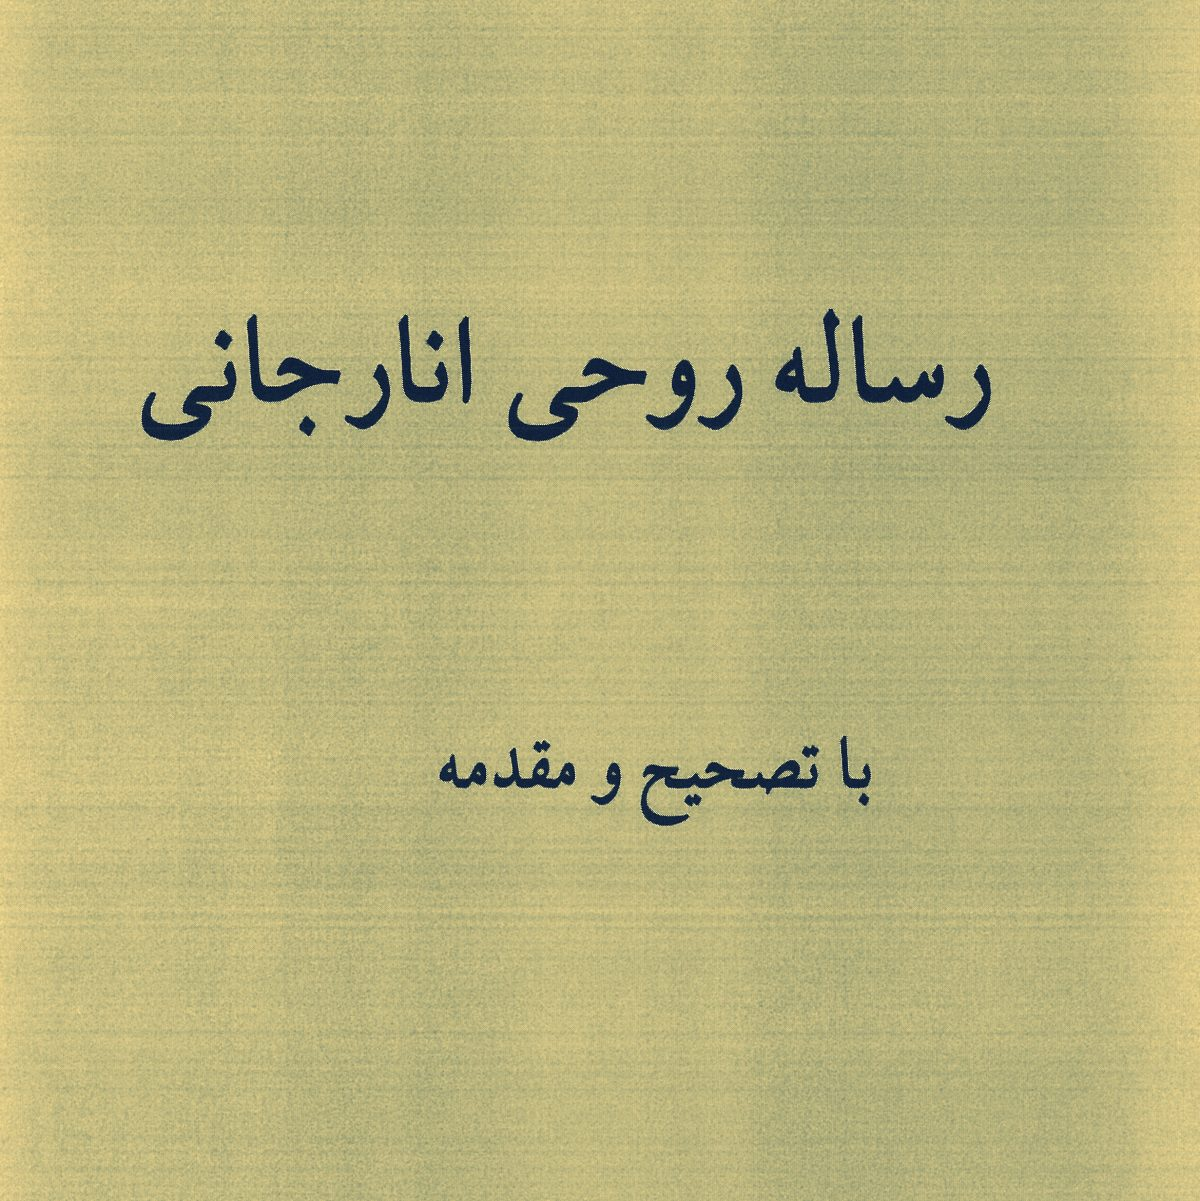 نمونه زبان تبریزیان حدود ۳۵۰ سال پیش